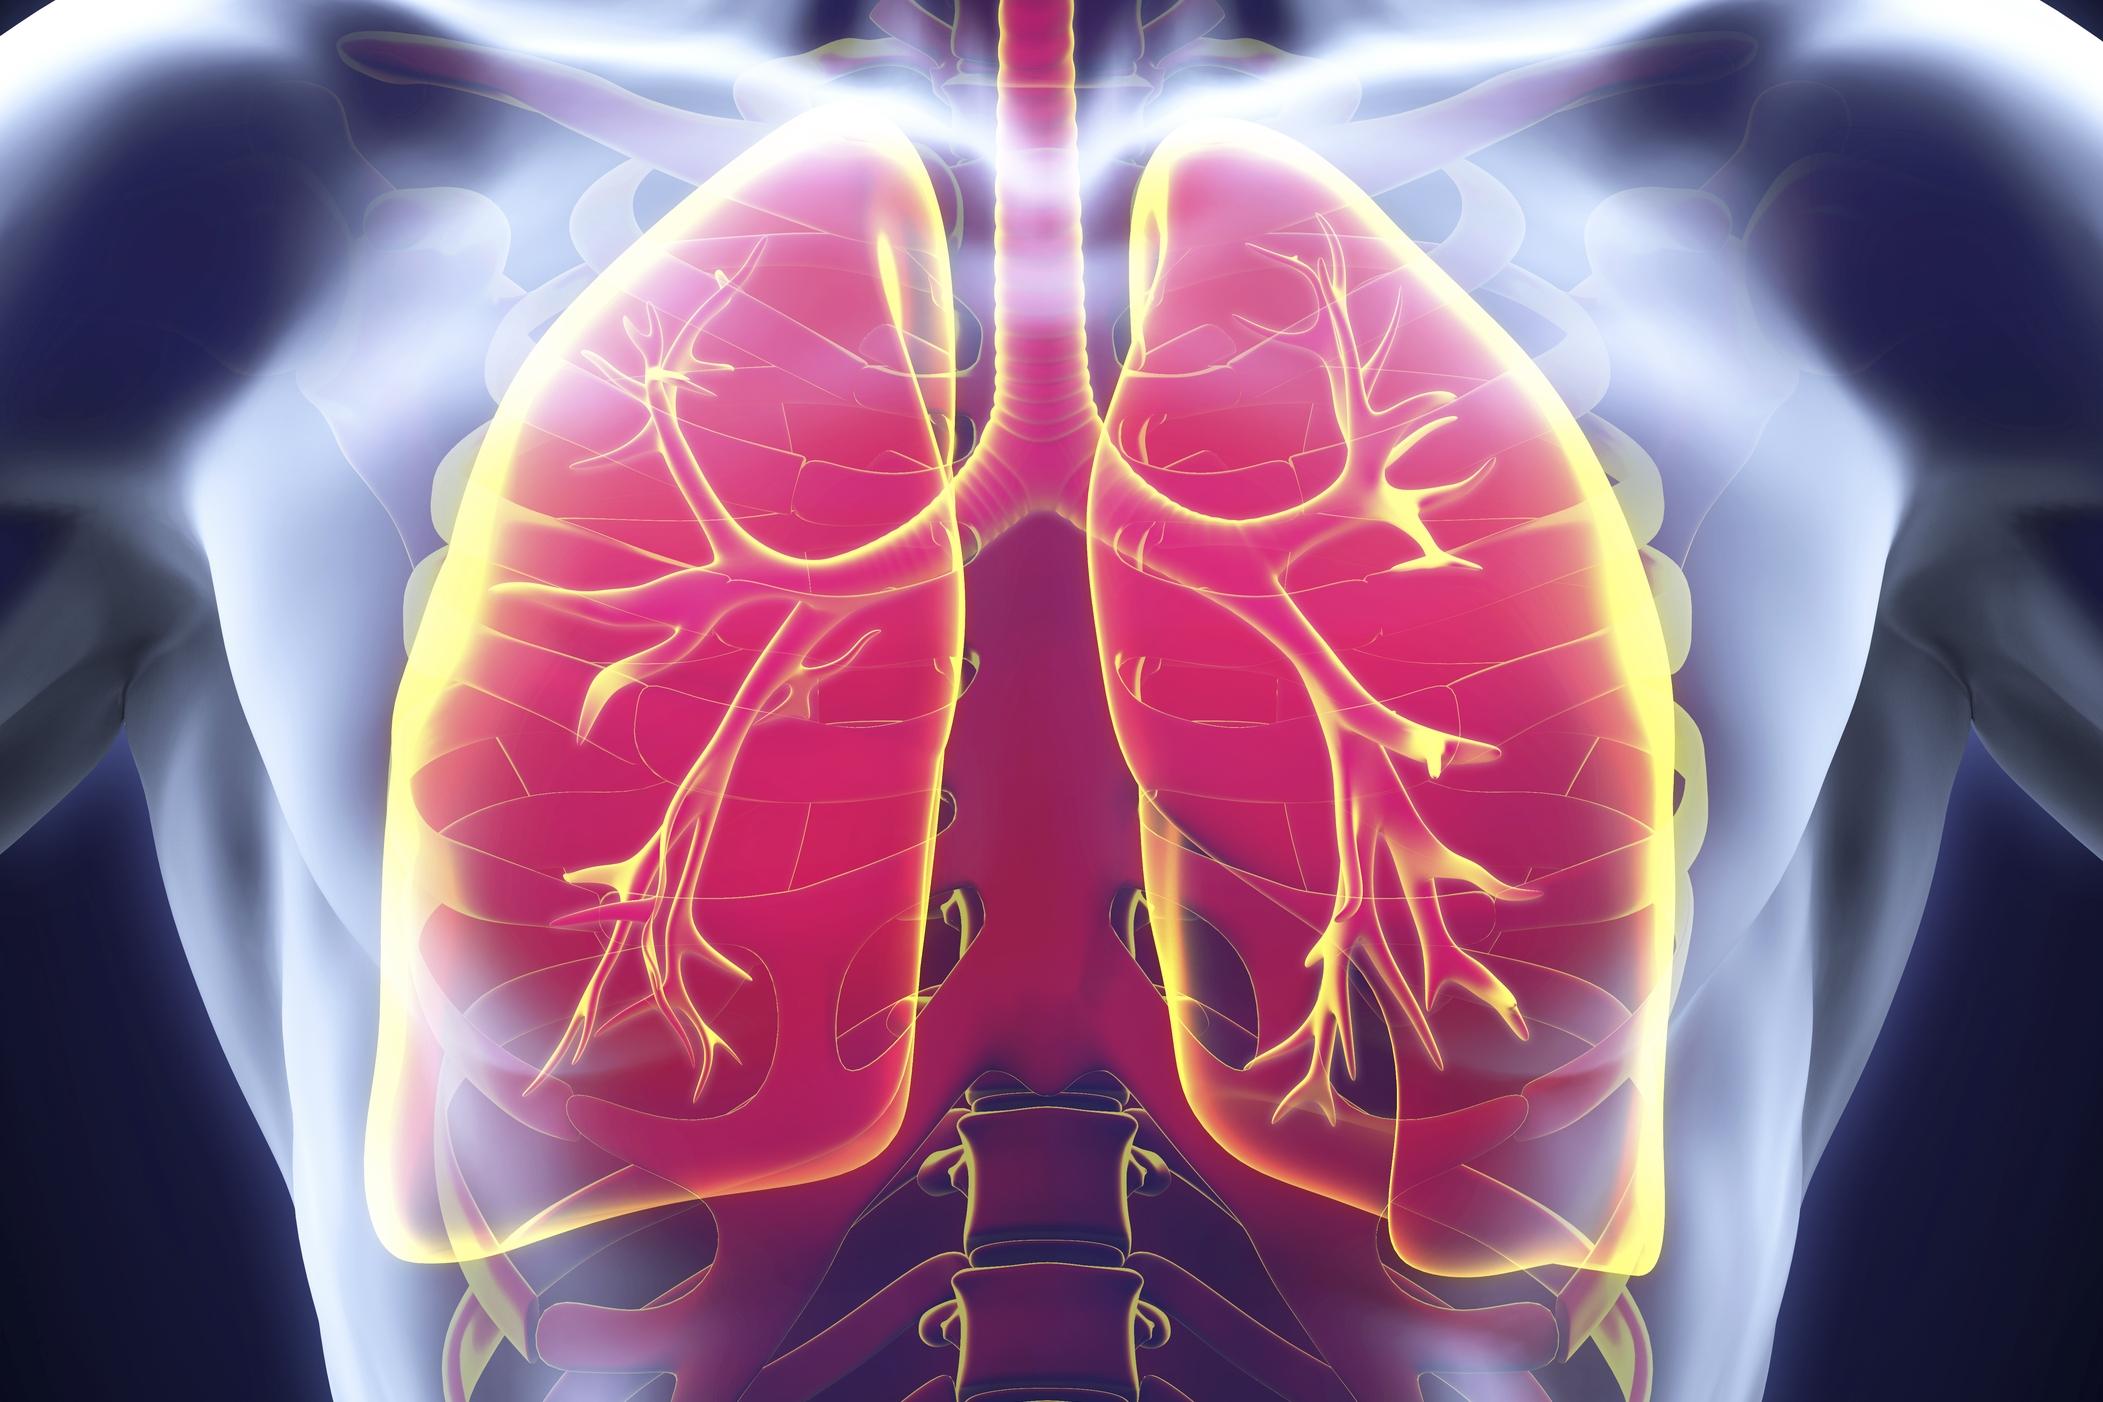 На рисунке объемное изображение органов грудной клетки для статьи о туберкулезе легких